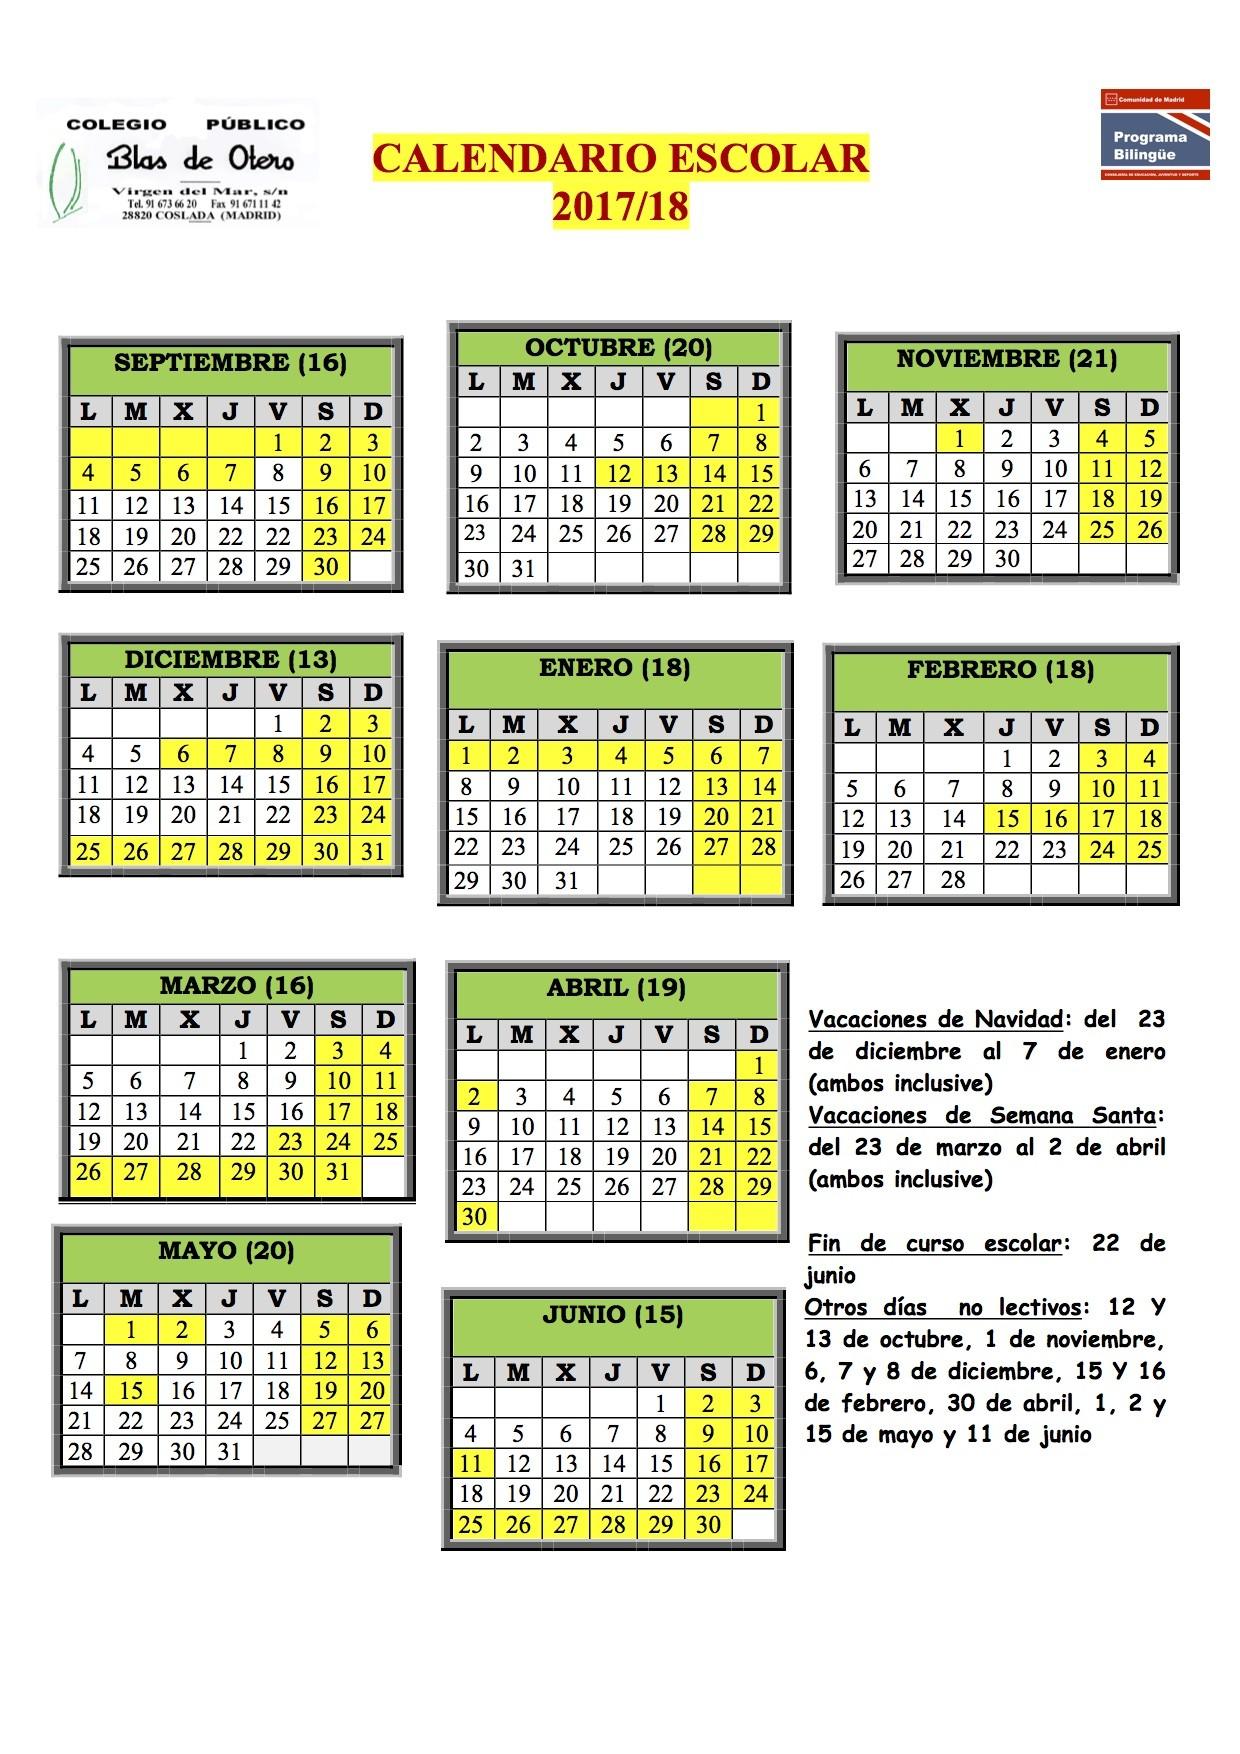 Calendario Noviembre 2019 Con Festivos Más Caliente Calendario Escolar 2017 2018 – Cp Blas De Otero Of Calendario Noviembre 2019 Con Festivos Más Actual 2019 Calendar Printable Planner for Desk or Wall